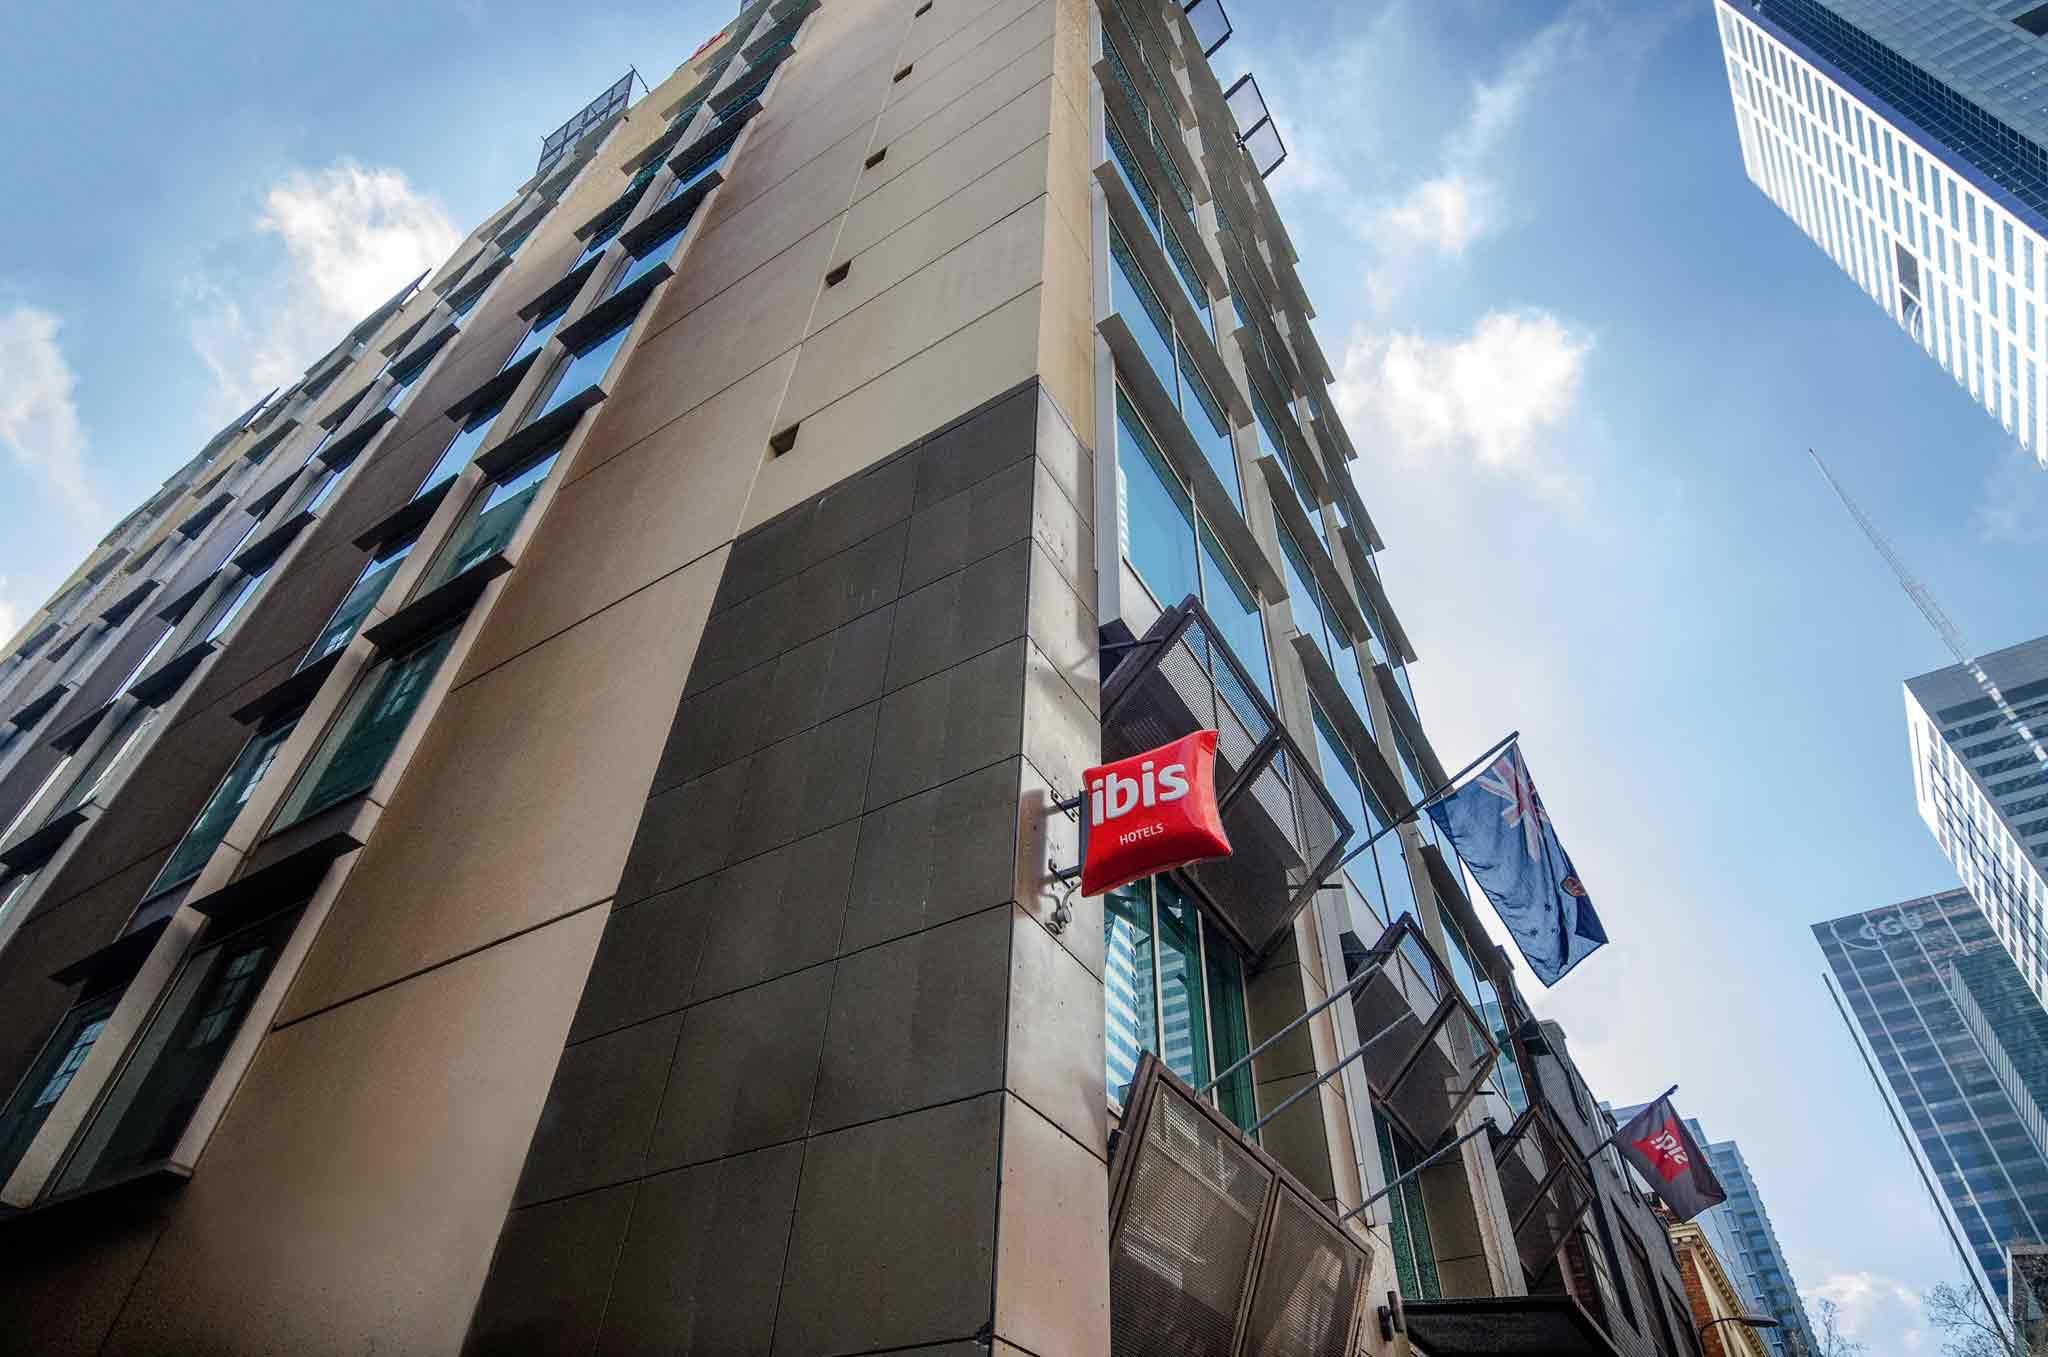 โรงแรม – ไอบิส ลิตเติล เบอร์ก สตรีท